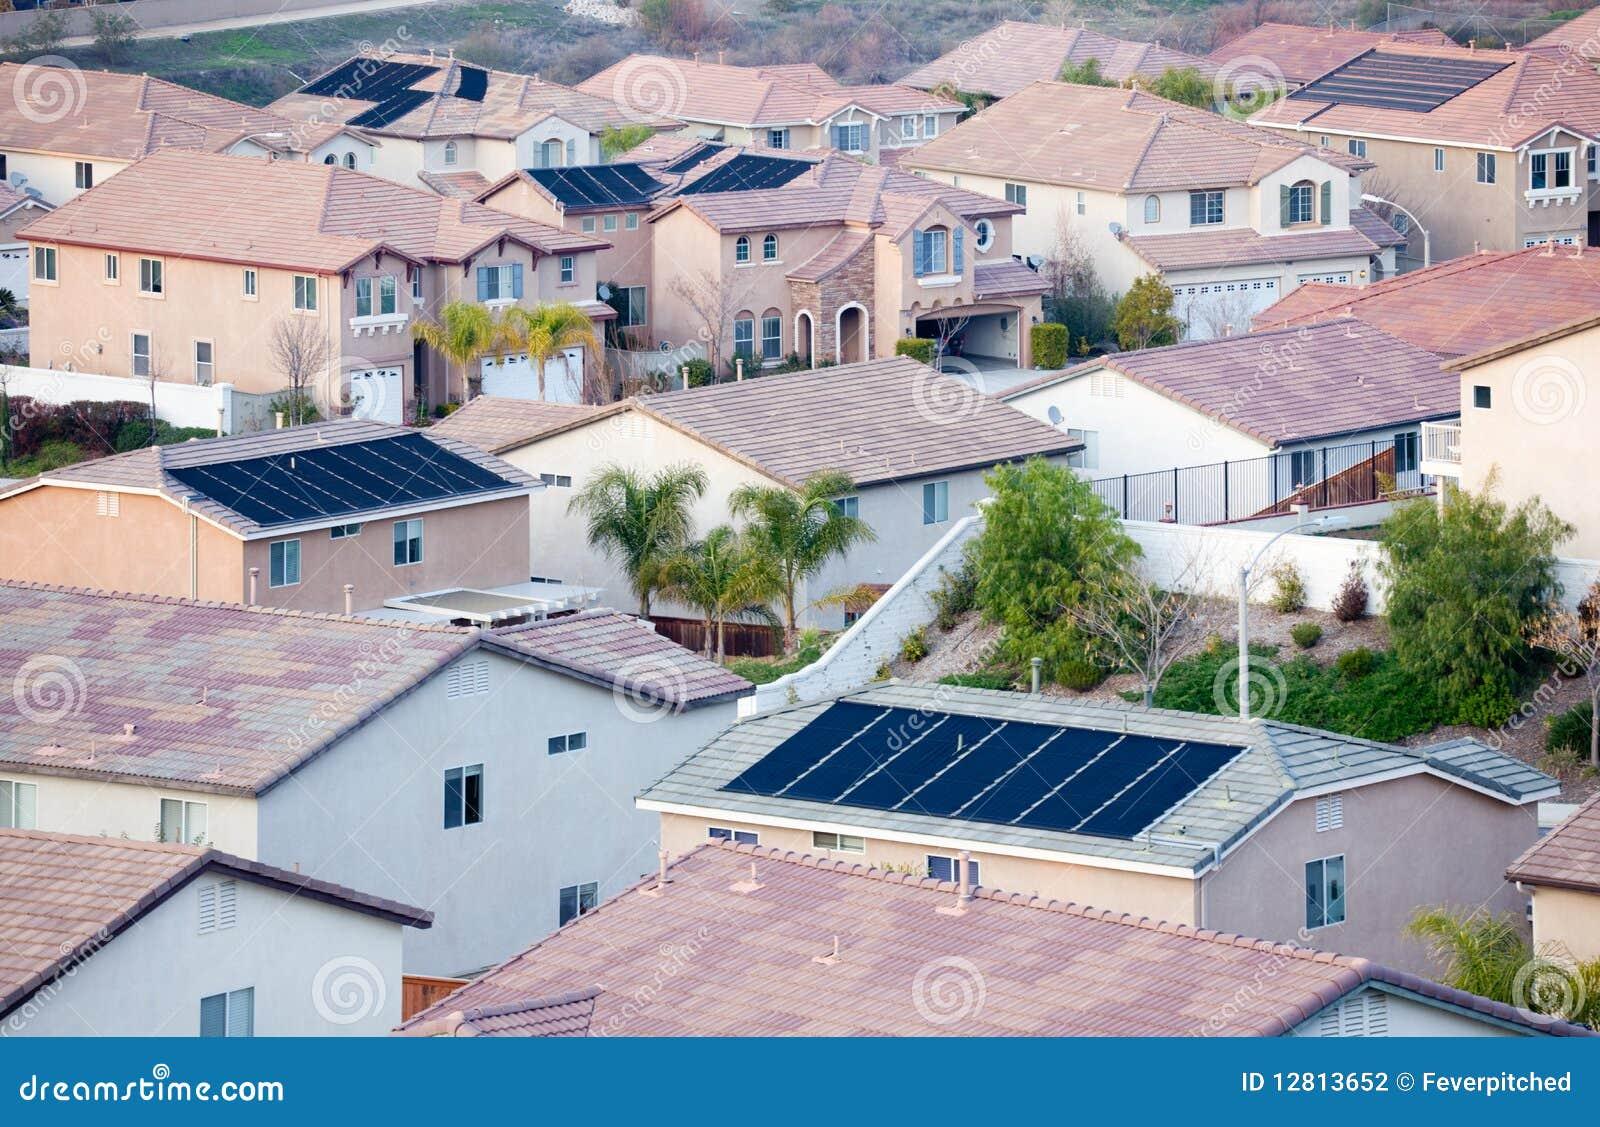 Partes superiores do telhado da vizinhança com painéis solares